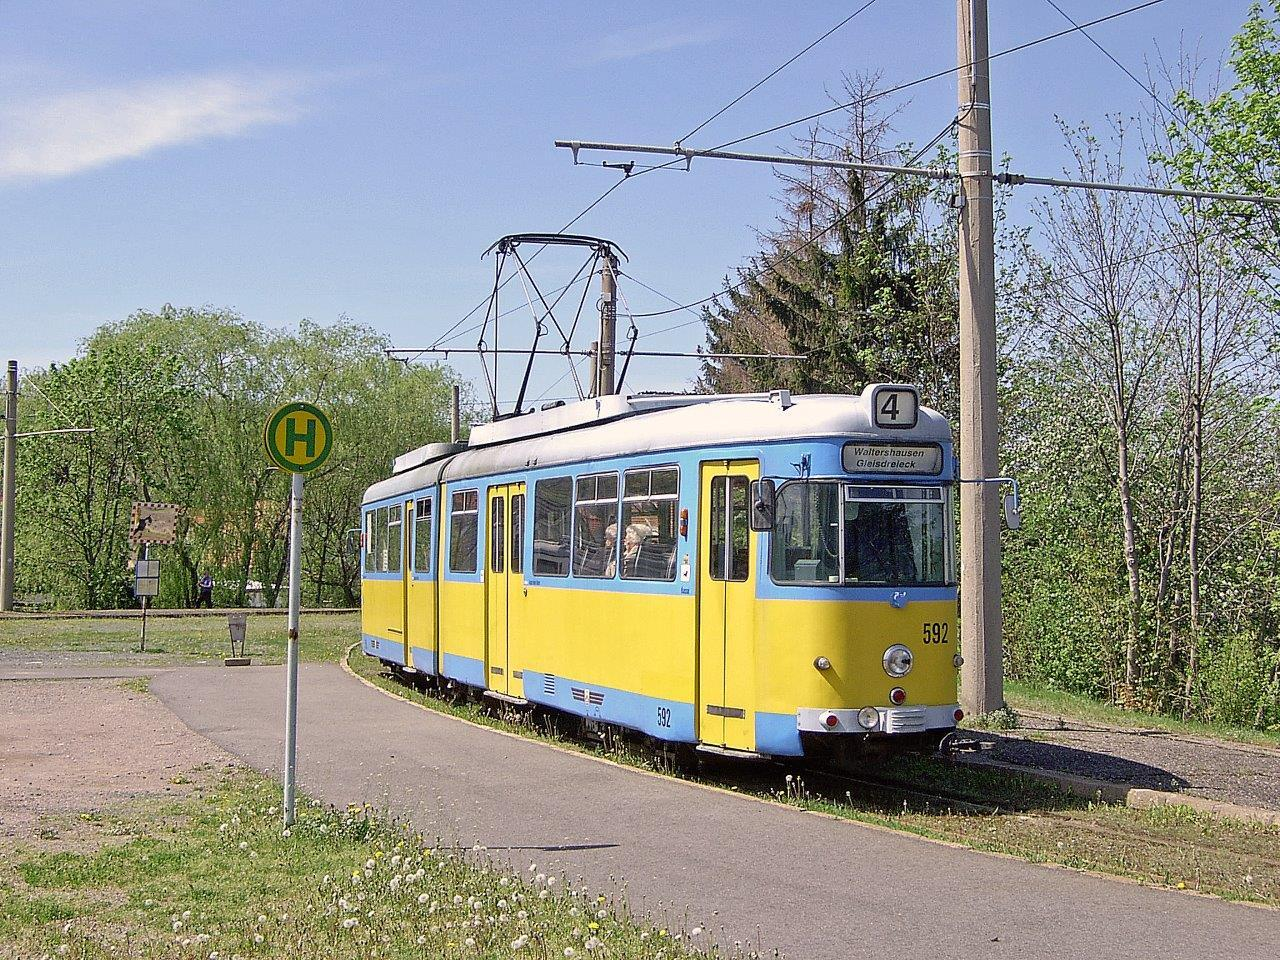 Am Gleisdreieck begegnet uns GT6 TW 592 (DUEWAG 1959), 1994 es BOGESTRA Bochum. Ein Jahr später wurde auch dieses Fahrzeug, welches damals den Anschluss nach Walterhausen darstellte, verschrottet.